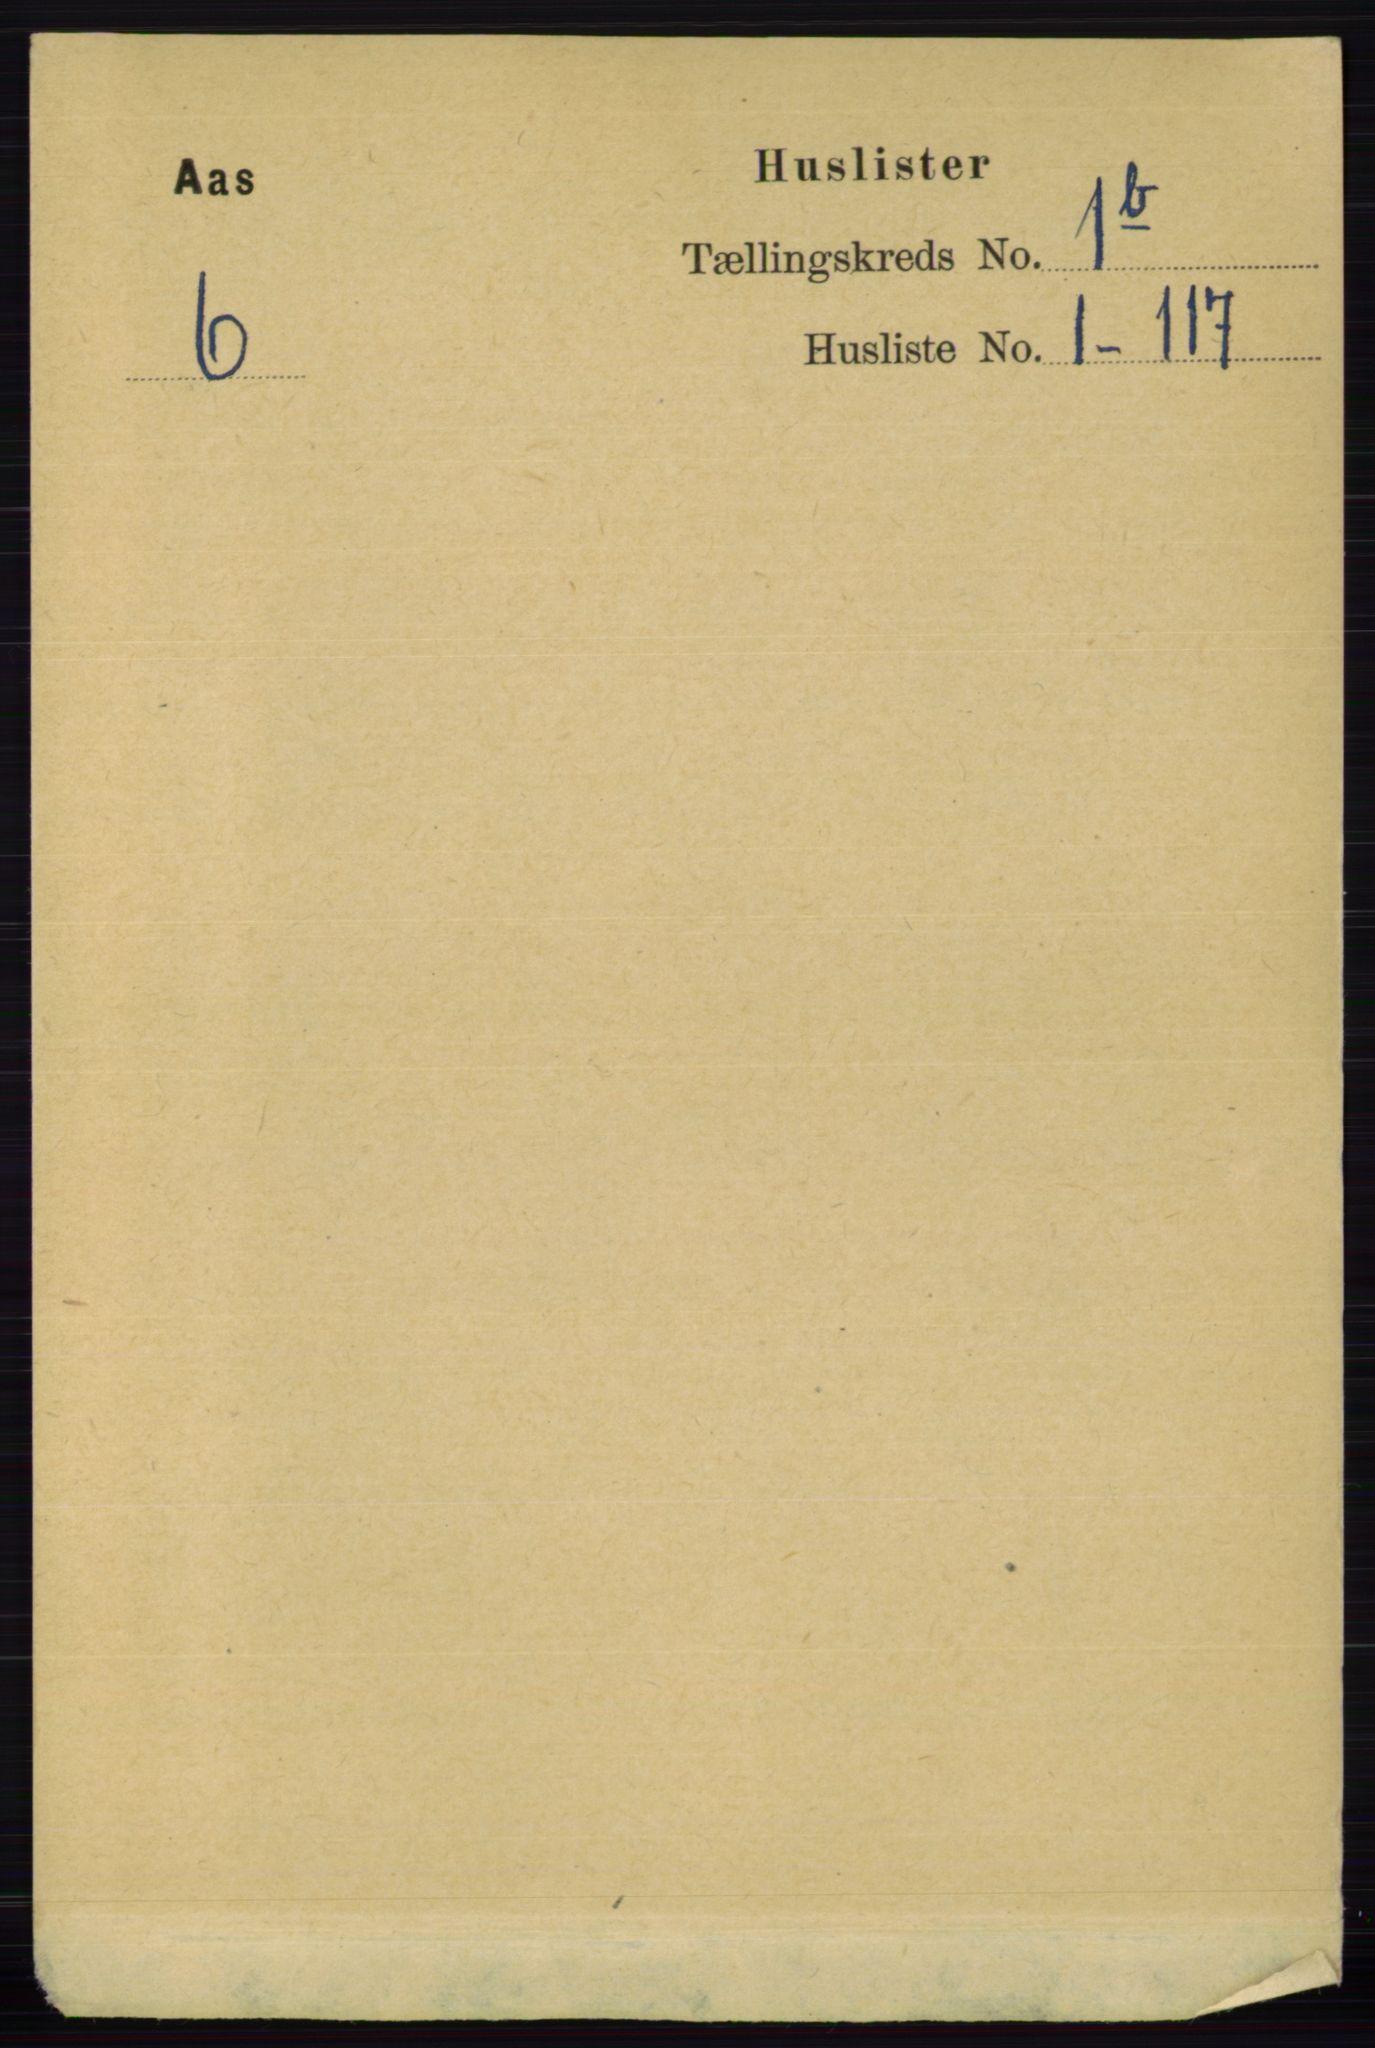 RA, Folketelling 1891 for 0214 Ås herred, 1891, s. 621